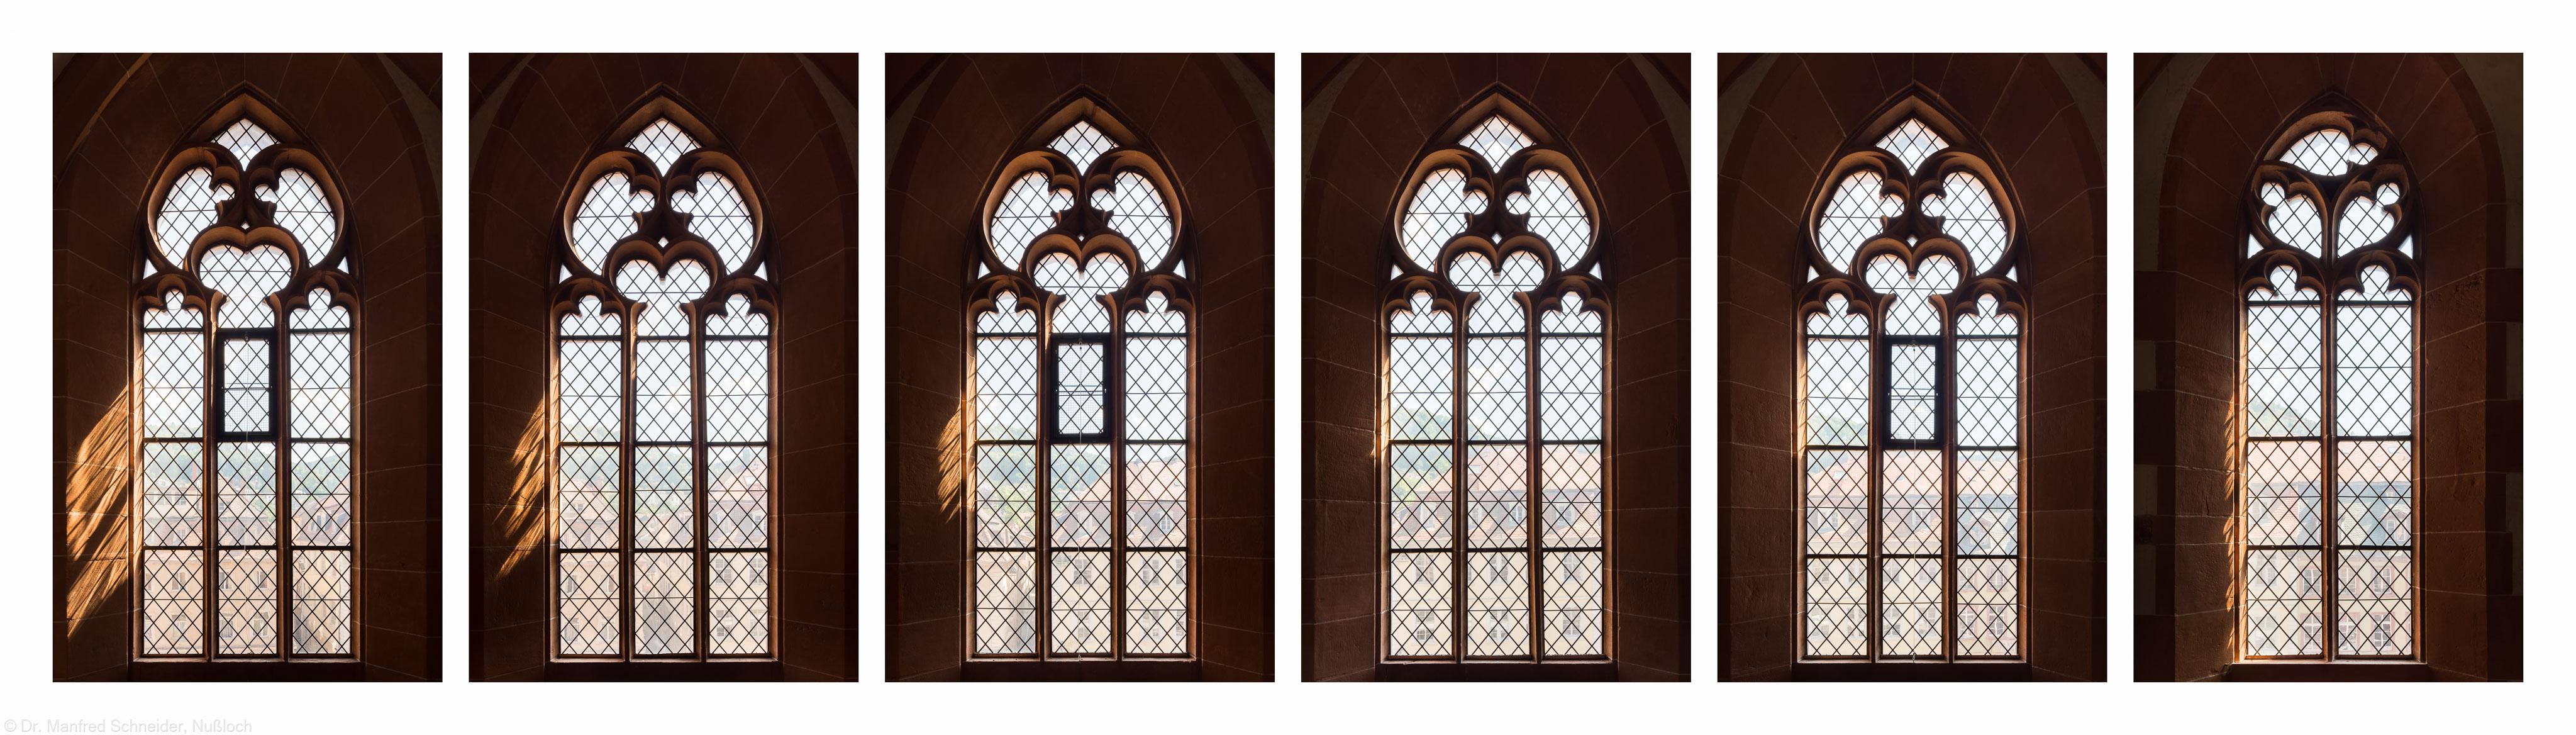 Heidelberg - Heiliggeistkirche - Südempore - 6./5./4./3./2./1. Joch, von Westen aus gezählt - Fenster und Maßwerk (aufgenommen im Juni 2015, am Nachmittag)